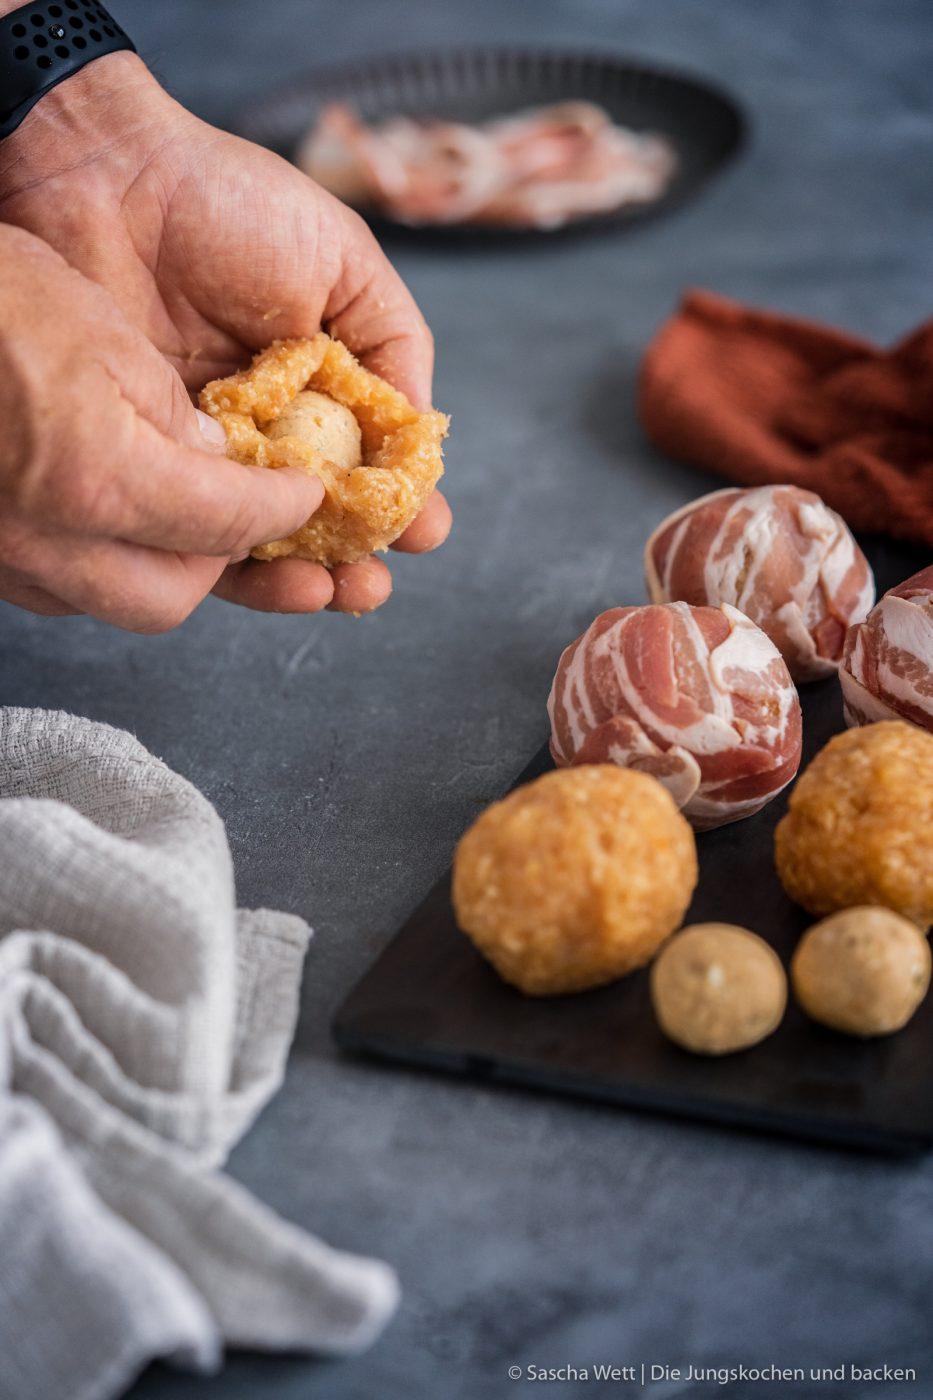 Chicken Peanut Balls ültje pur 8 | Es ist mal wieder Zeit für ein neues Rezept, das wir gemeinsam mit ültje entwickelt haben. Aktuell stehen bestimmt auch viele von euch regelmäßig am Grill und wir dachten, wir zeigen euch ein Knaller-Rezept für eure nächste Grillsession. Unfassbar gute Chicken-Bacon Bombs mit einer würzigen Erdnussfüllung. Da läuft einem doch direkt das Wasser im Mund zusammen, oder?!